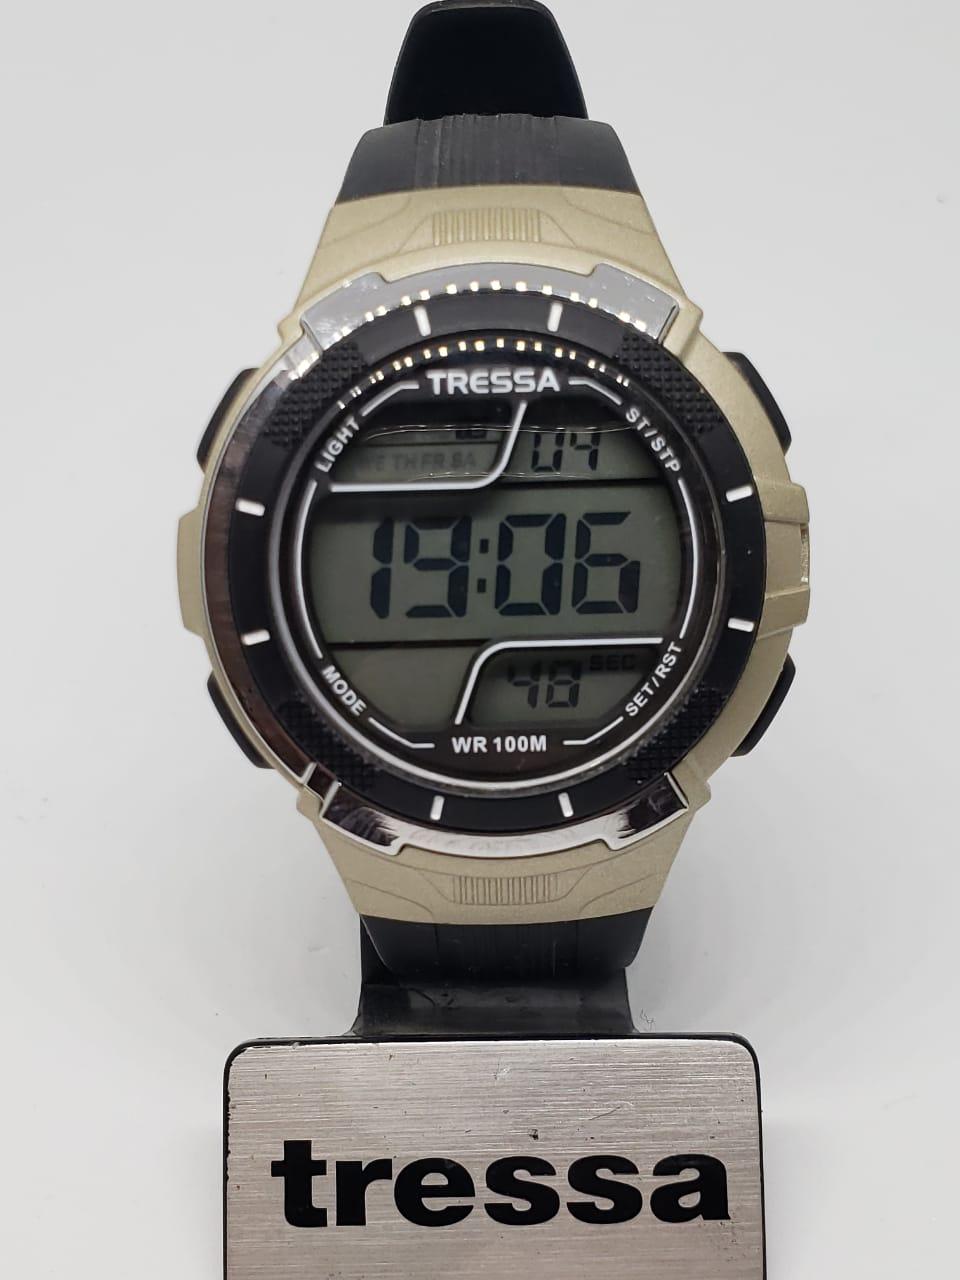 545128a40eeb Reloj Tressa caballero digital bowen – Joyas Lan